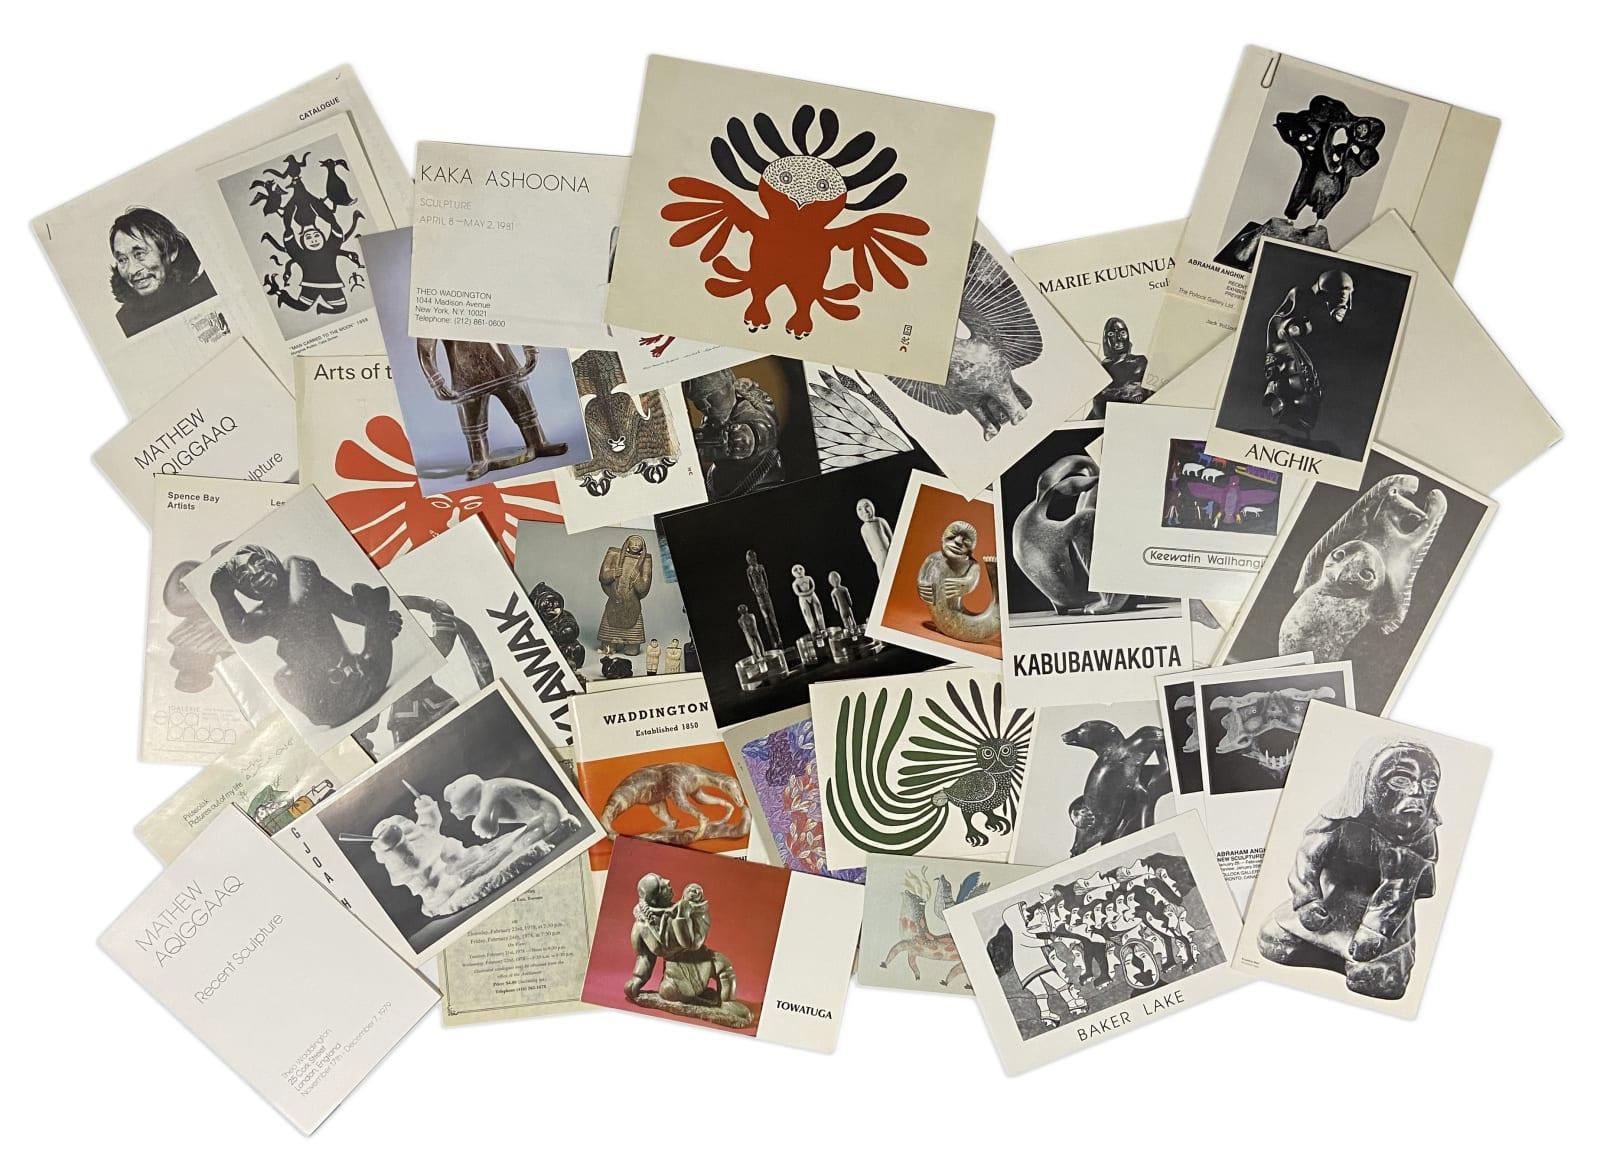 Lot 81 Quantity of Inuit Art Ephemera Estimate: $100 — $200